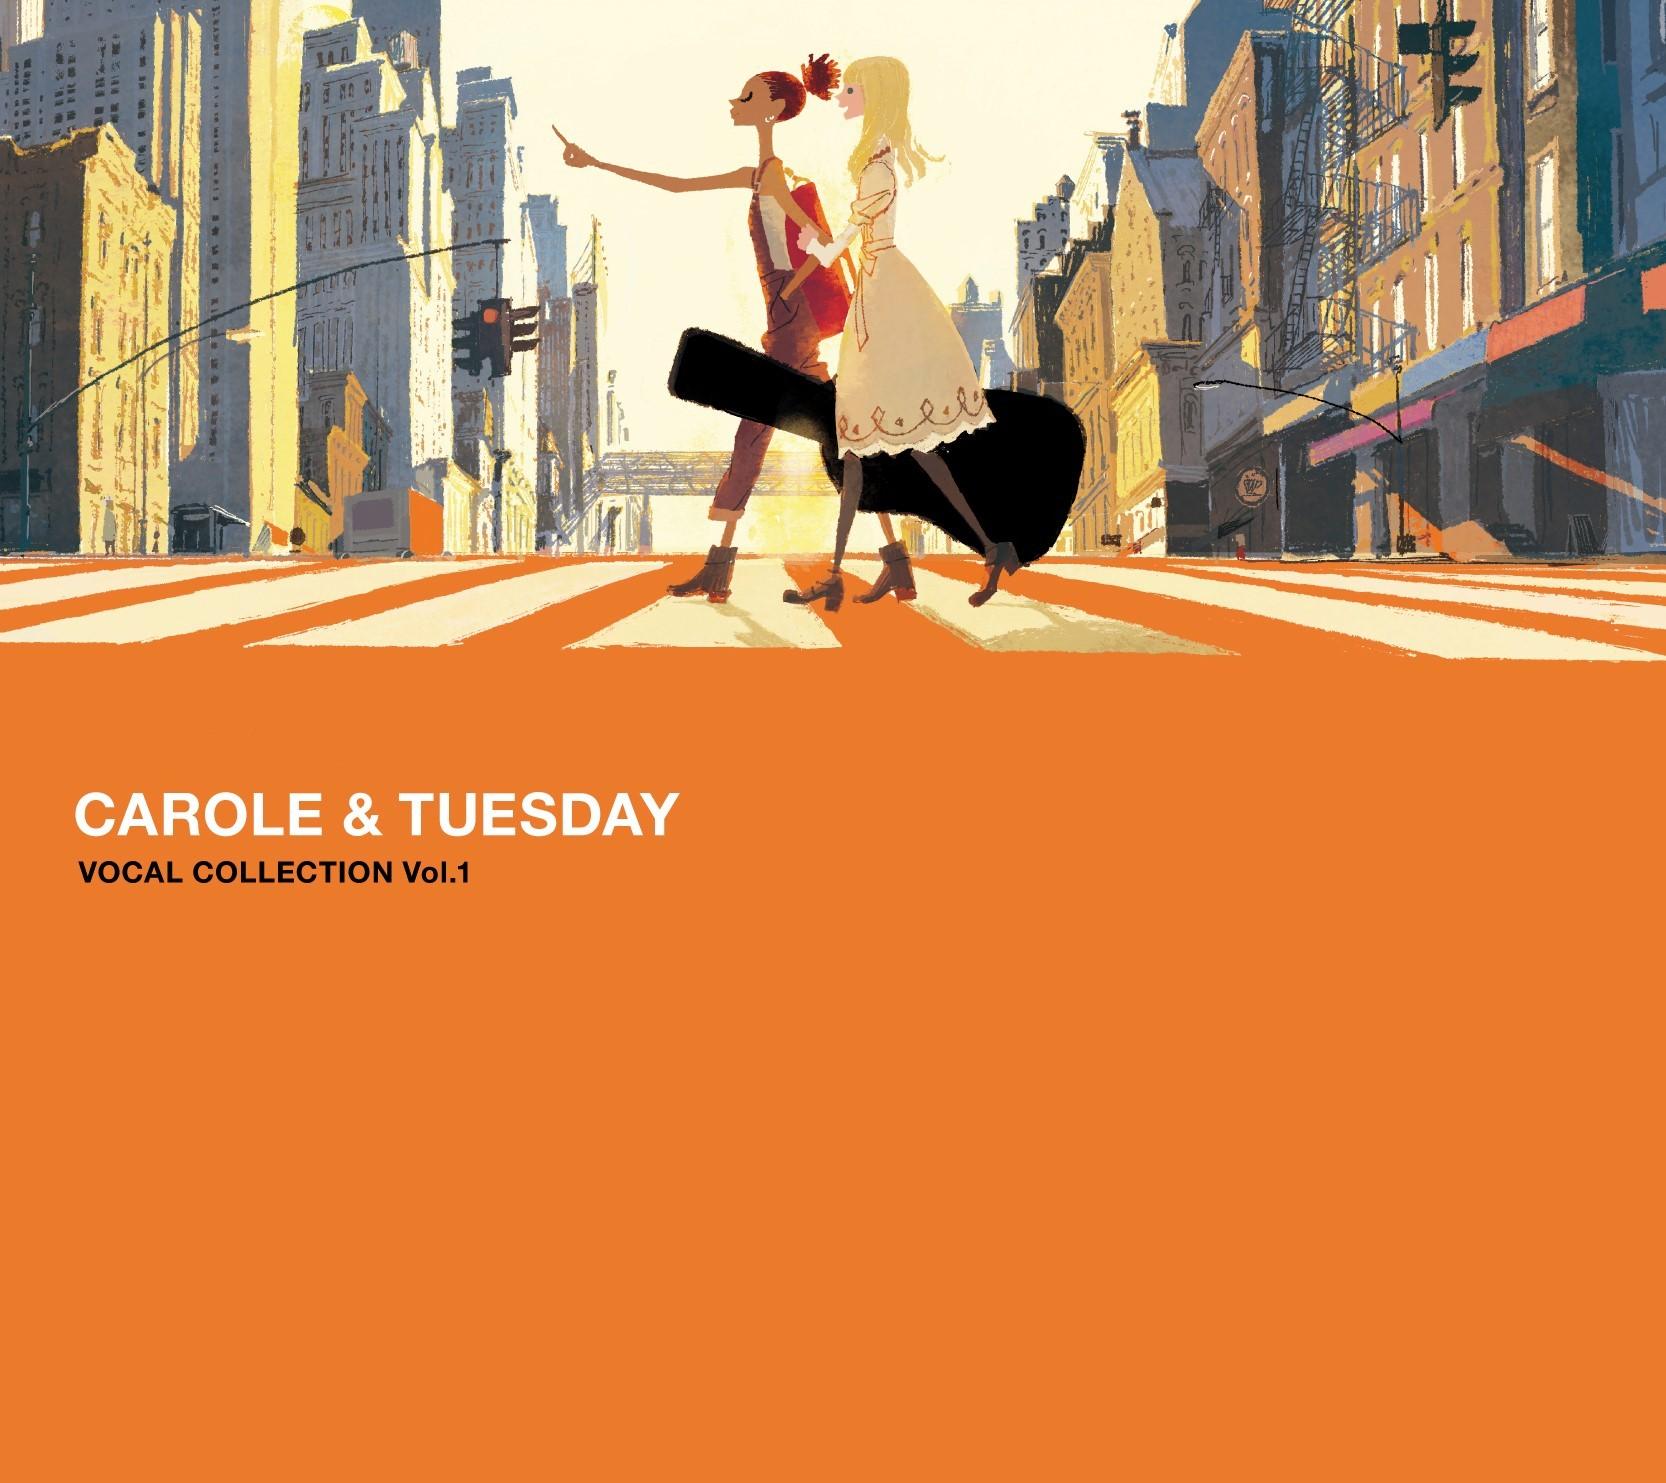 『TVアニメ「キャロル&チューズデイ」VOCAL COLLECTION Vol.1』ジャケット (c)ボンズ・渡辺信一郎/キャロル&チューズデイ製作委員会